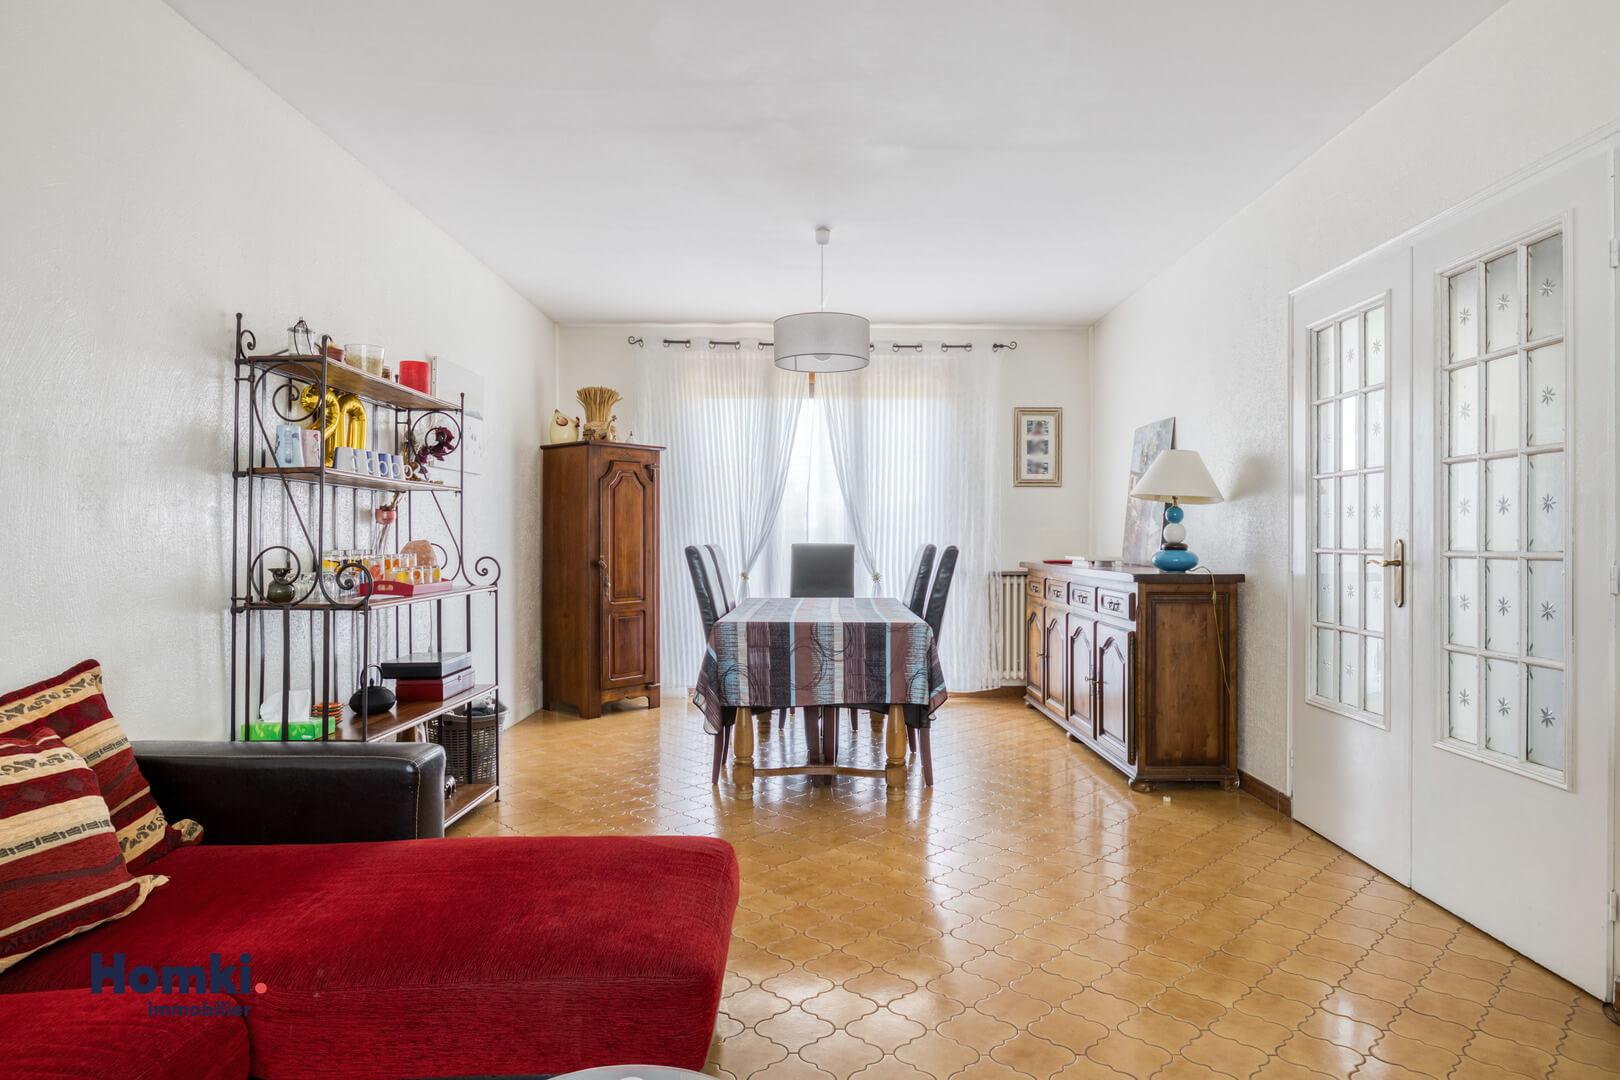 Vente maison 140m² T6 69800_2